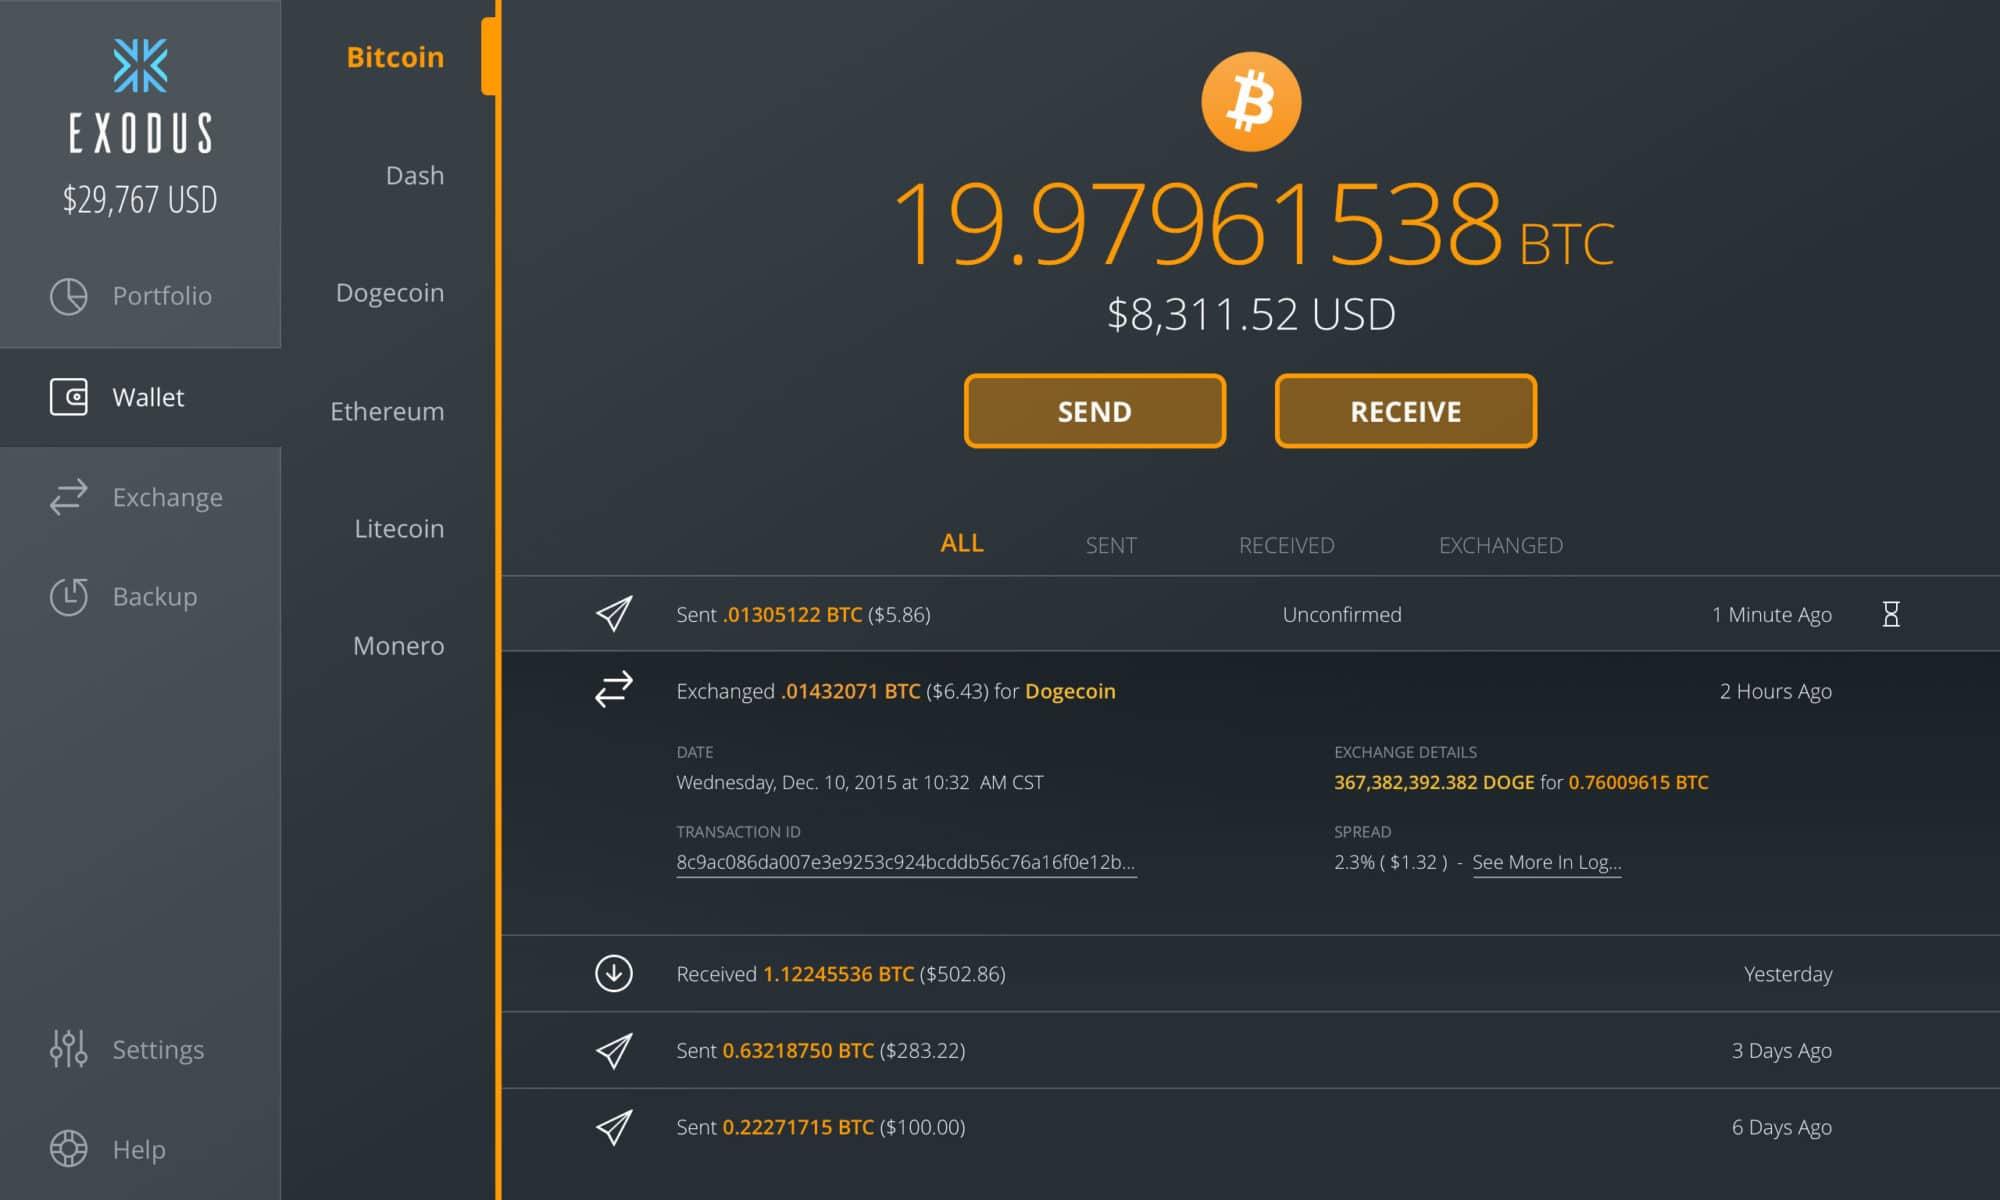 geriausi bitcoin wallet uk)